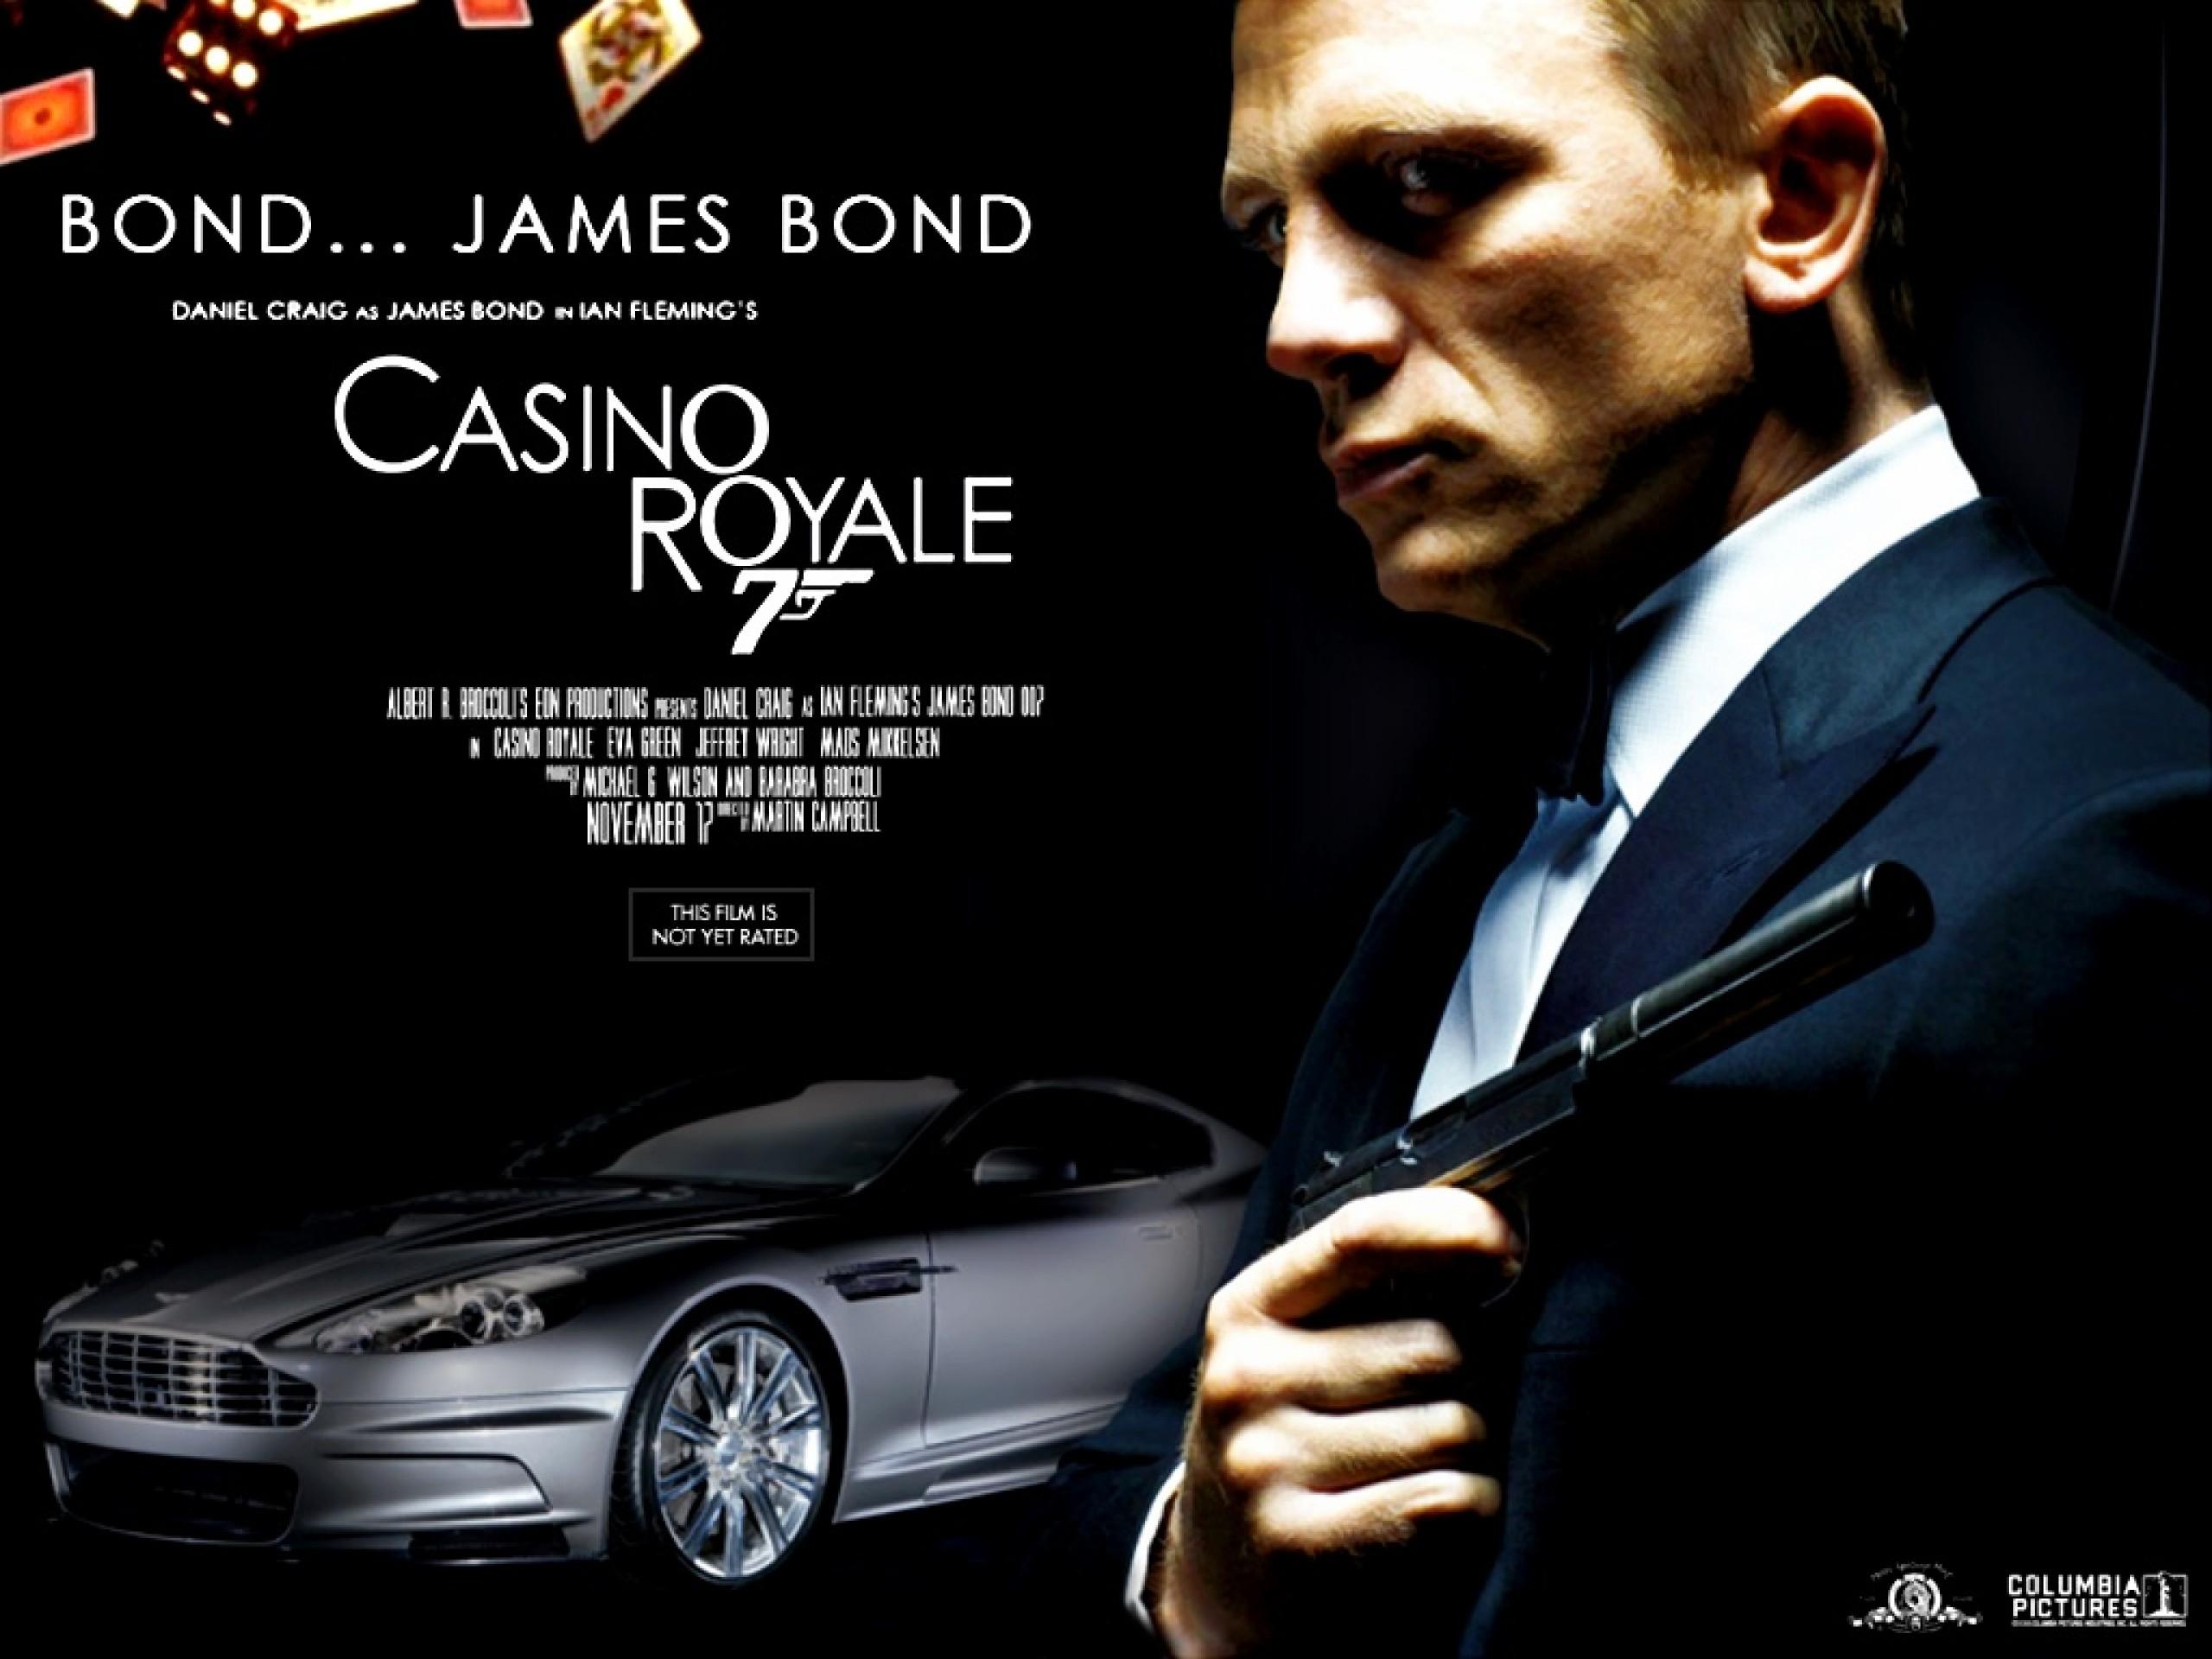 Джеймс бонд казино рояль скачать песню казино в ленте одноклассников